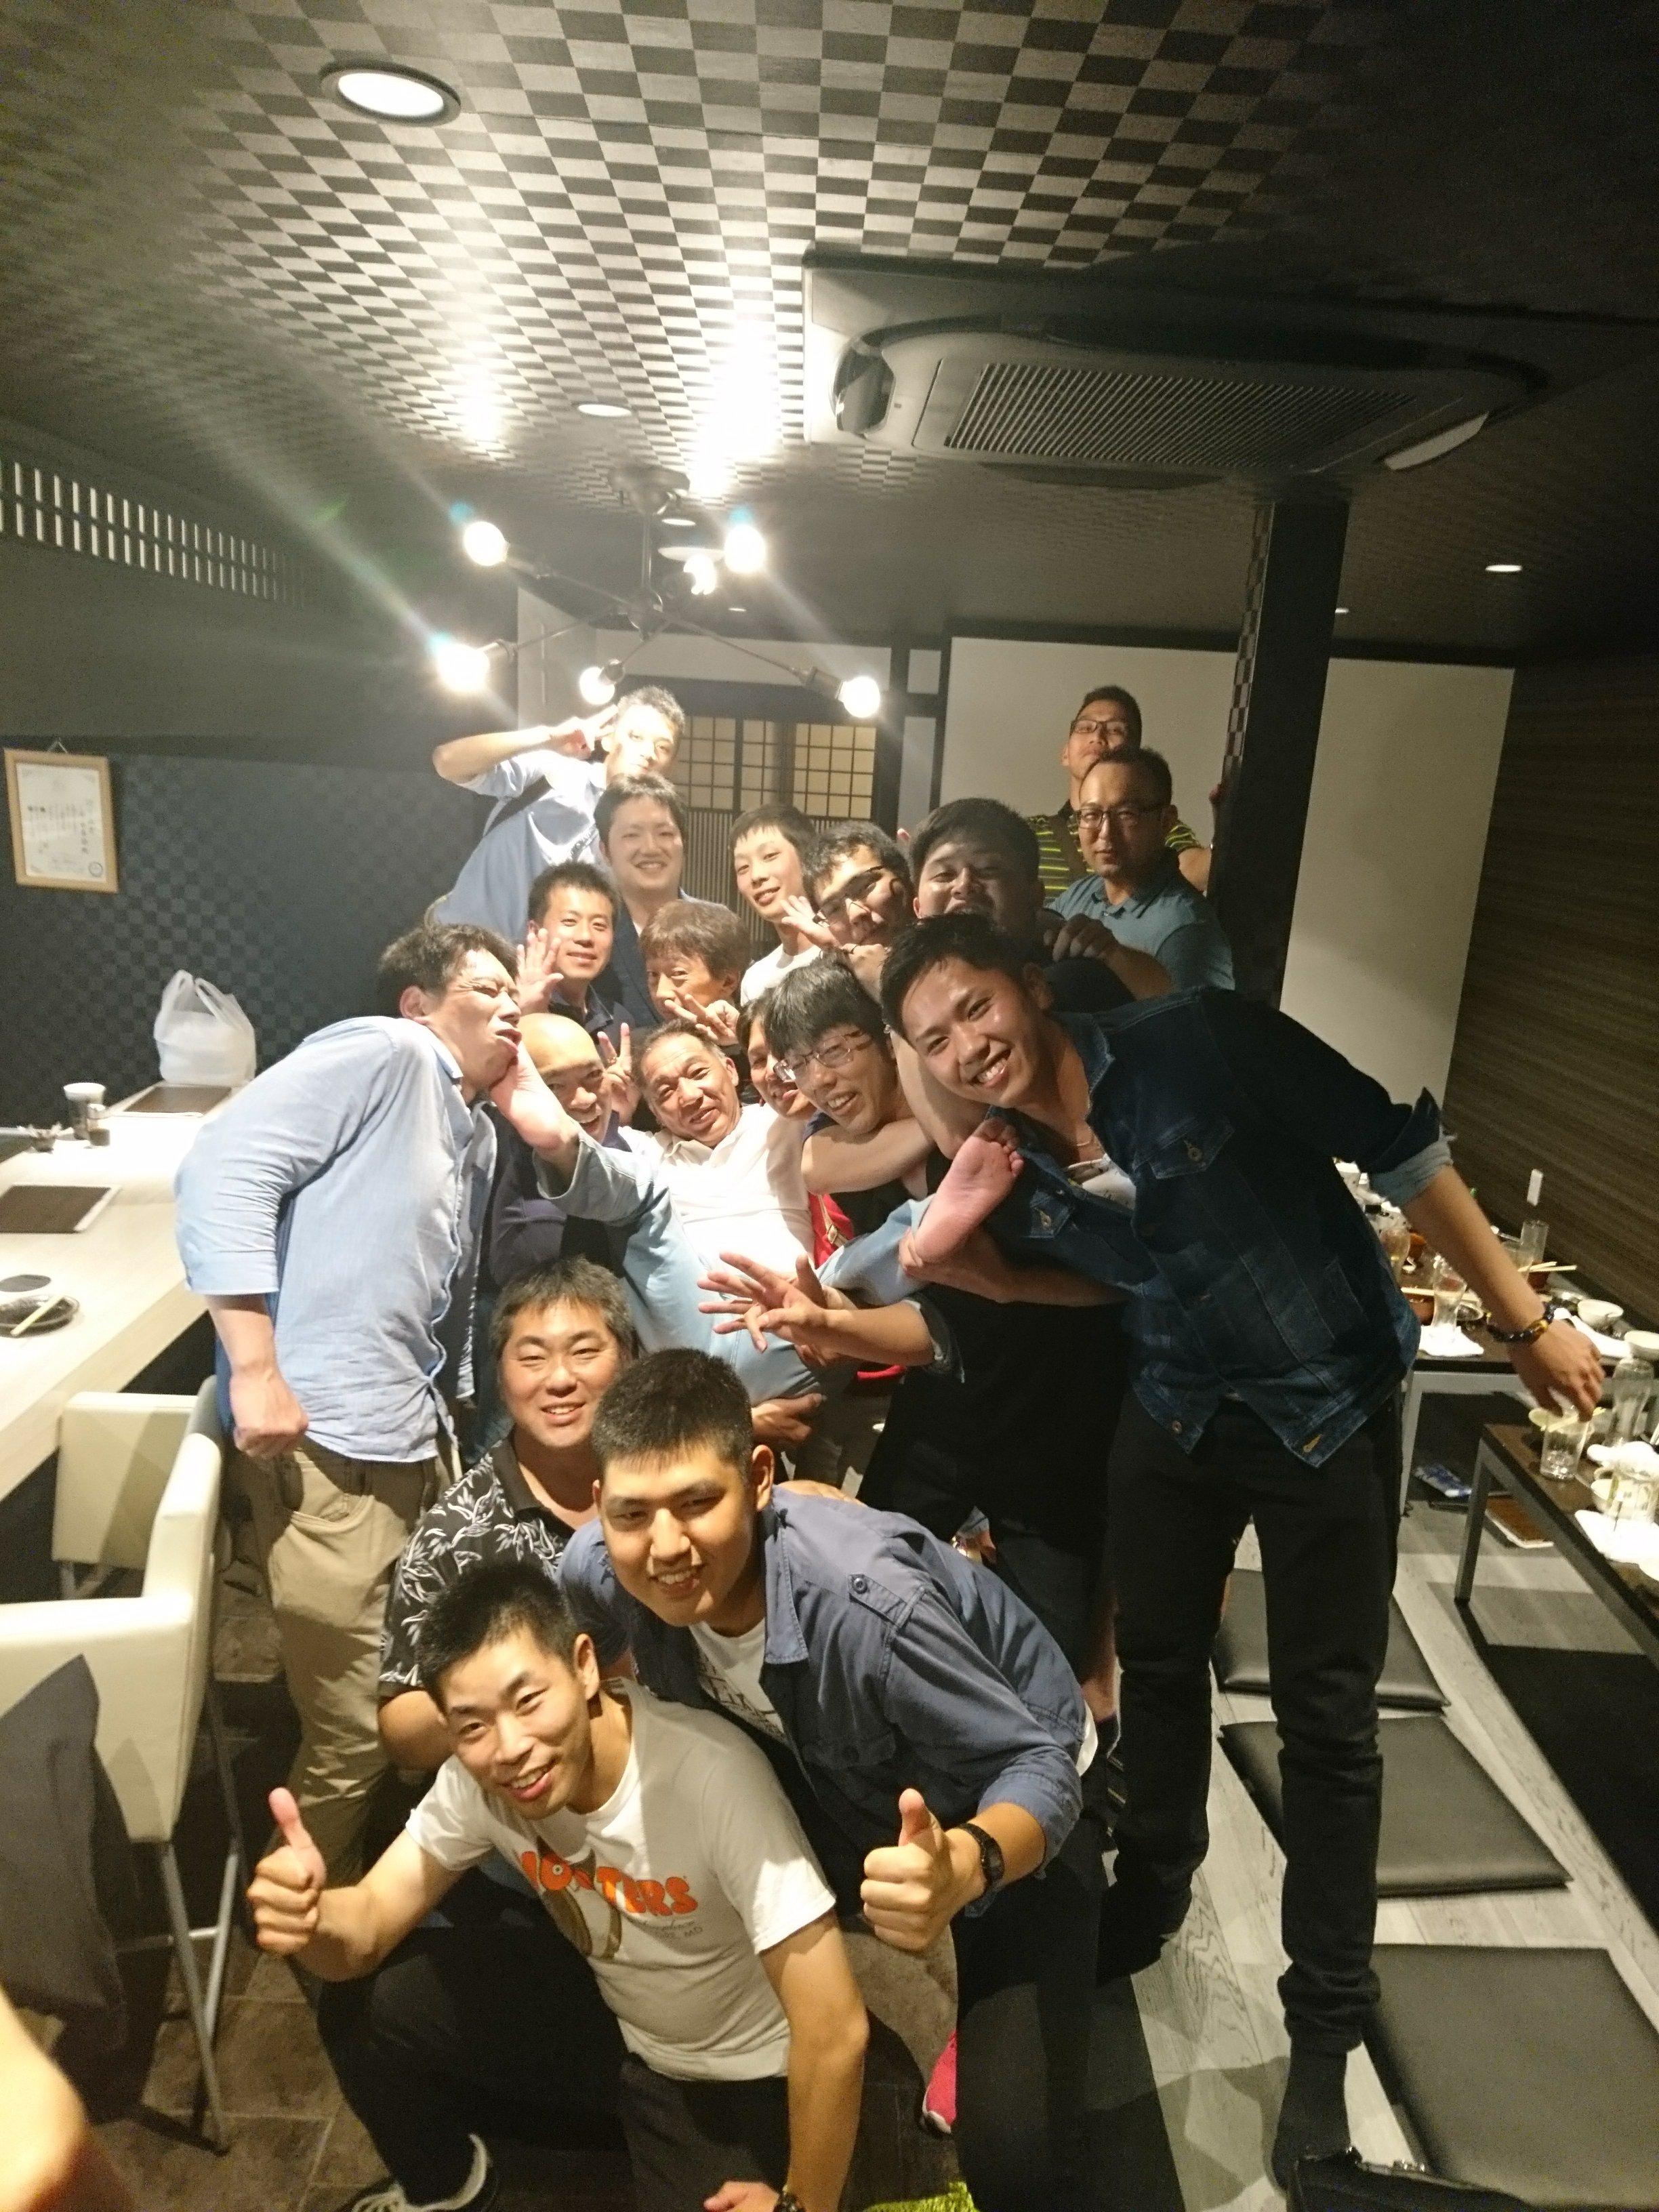 舞鶴市の居酒屋で1番盛り上がれる宴会は弾正!